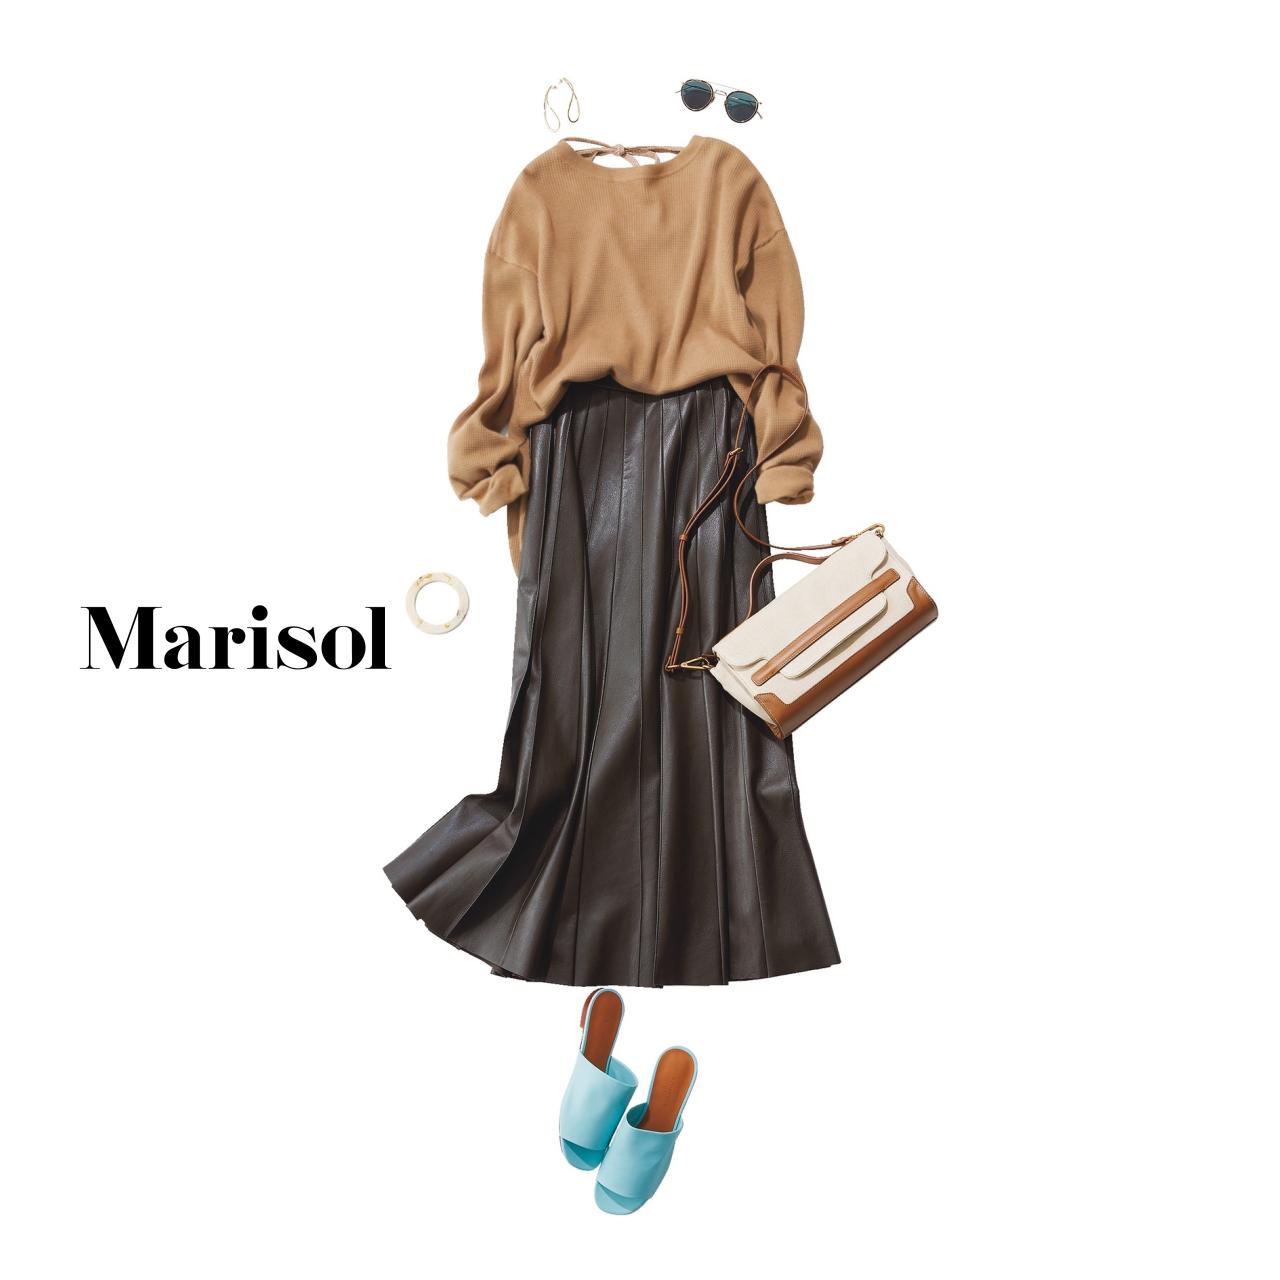 40代ファッション キャメル色ニット×チョコレート色スカートコーデ